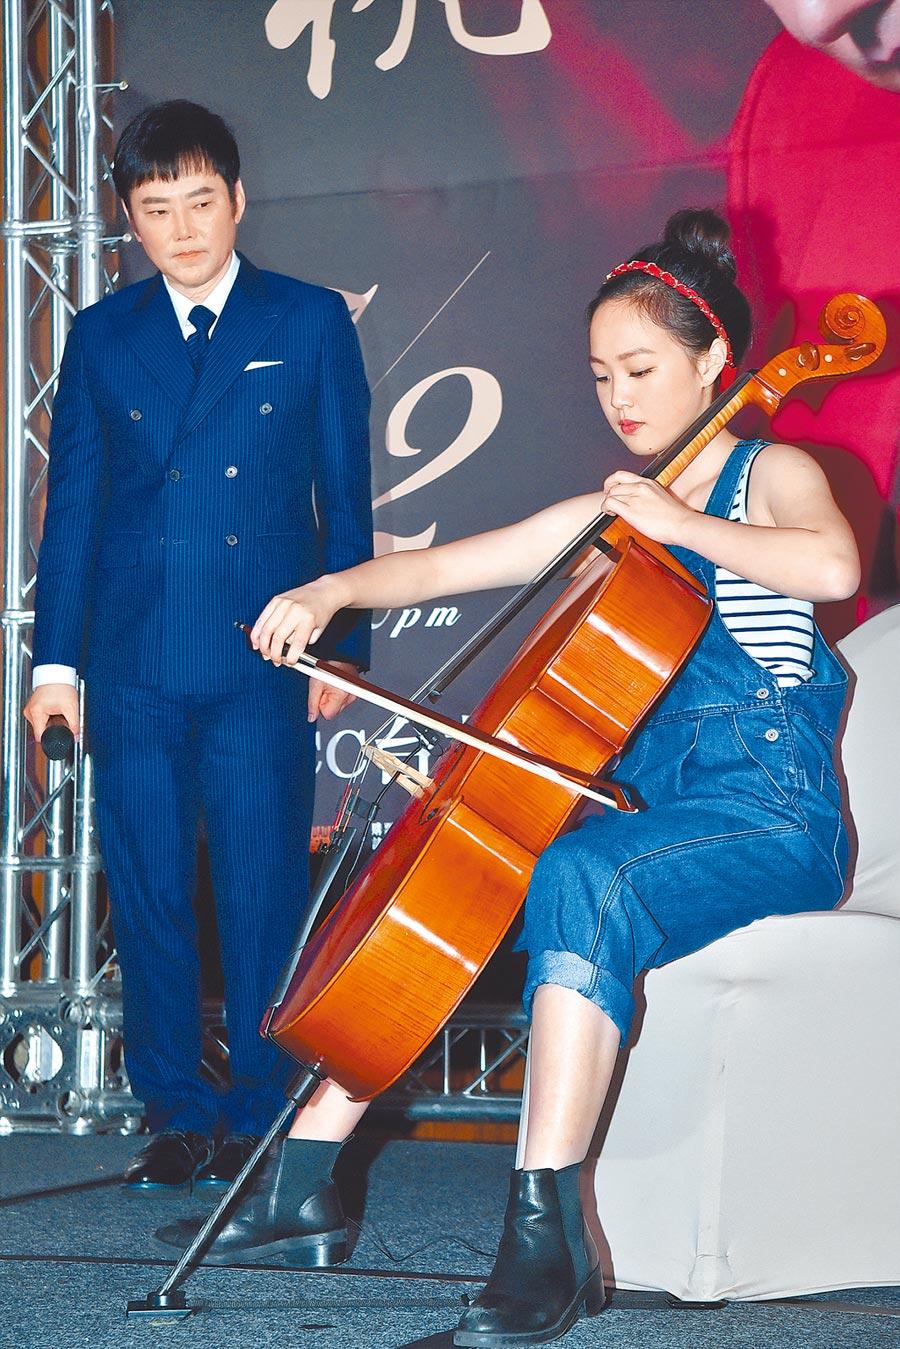 陳妤安3年前在爸爸陽帆演唱會記者會上表演大提琴。(資料照片)